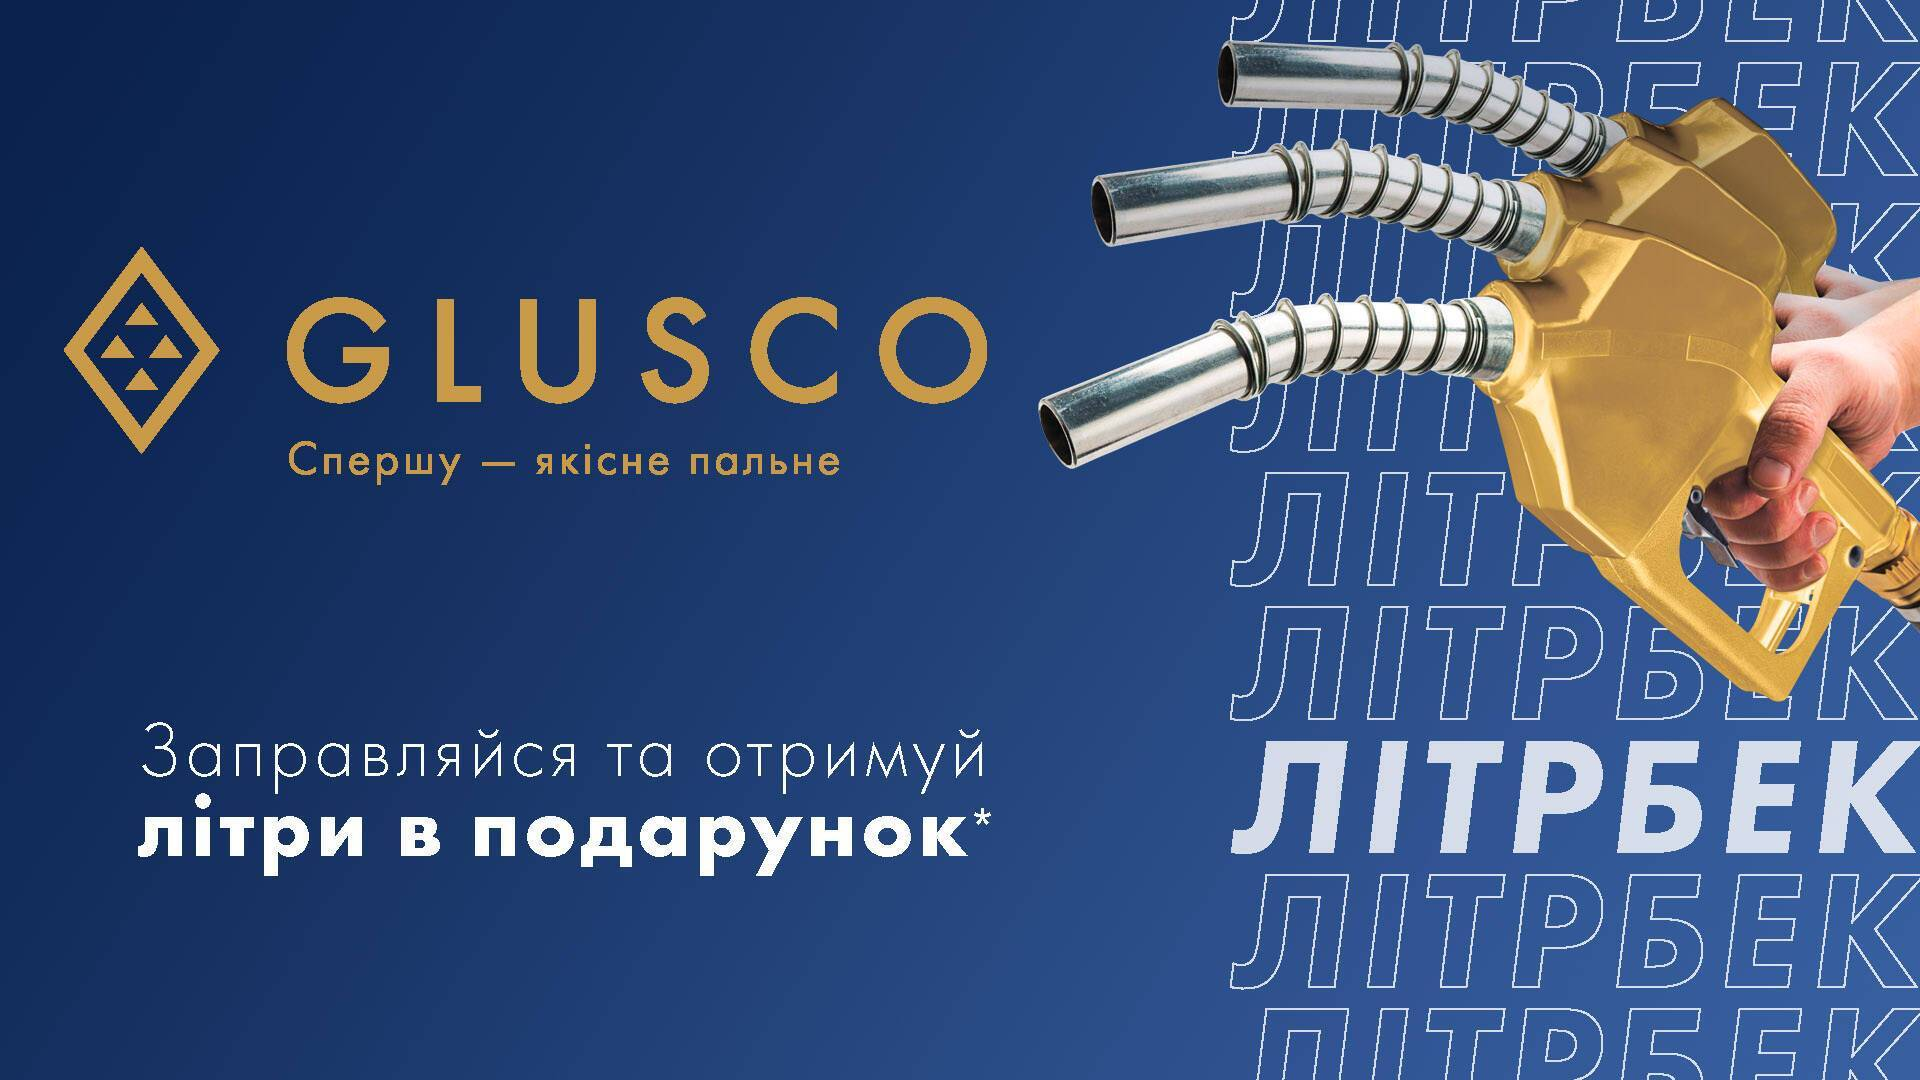 GLUSCO возвращает литры и деньги. Фото: